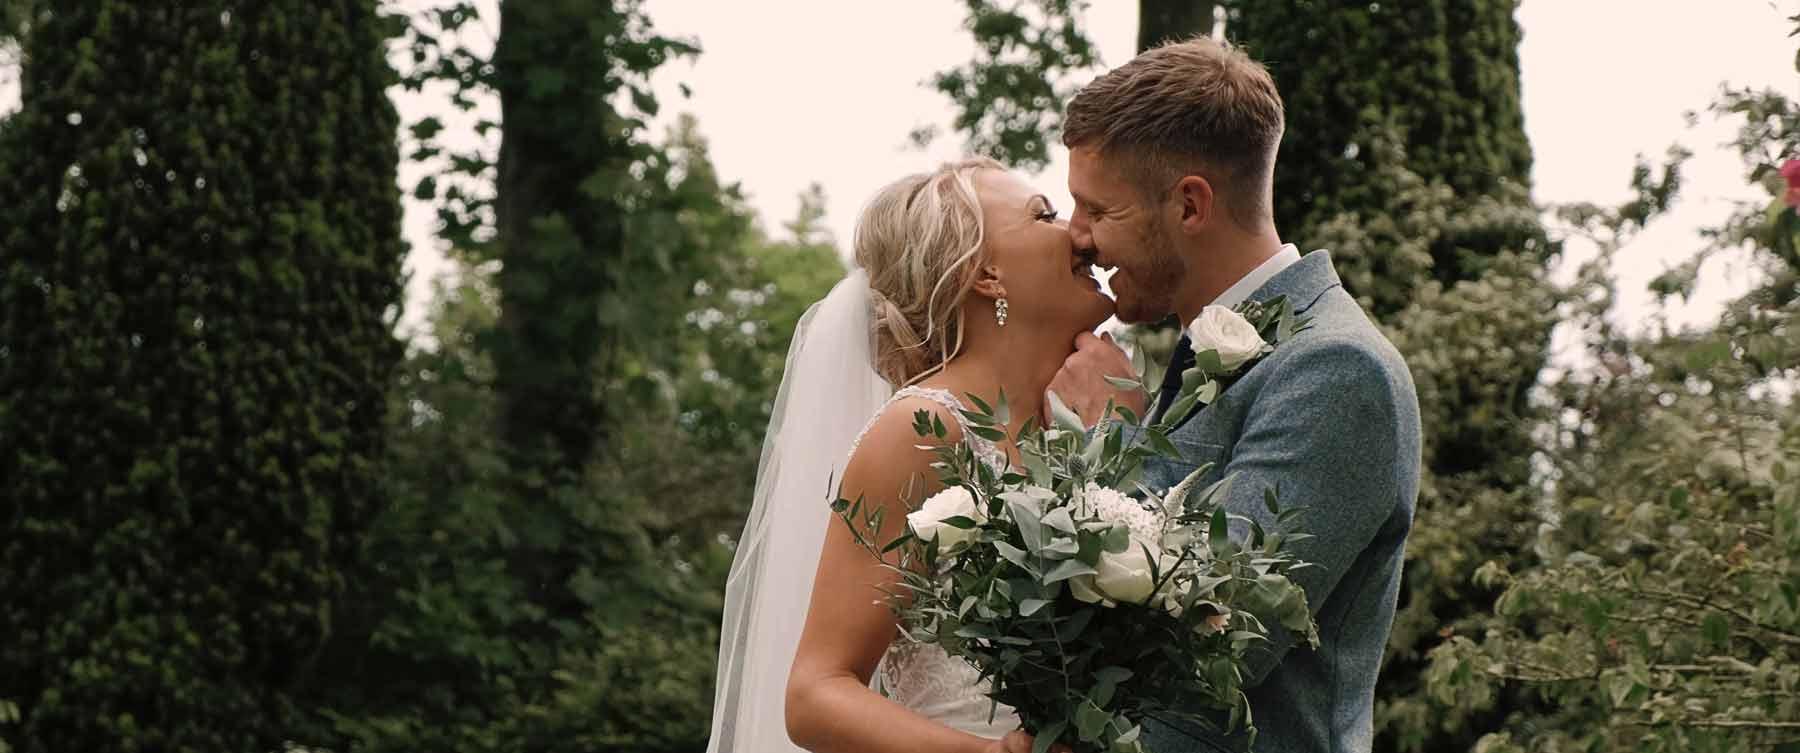 Beth & Scott's Wedding at South Farm Royston